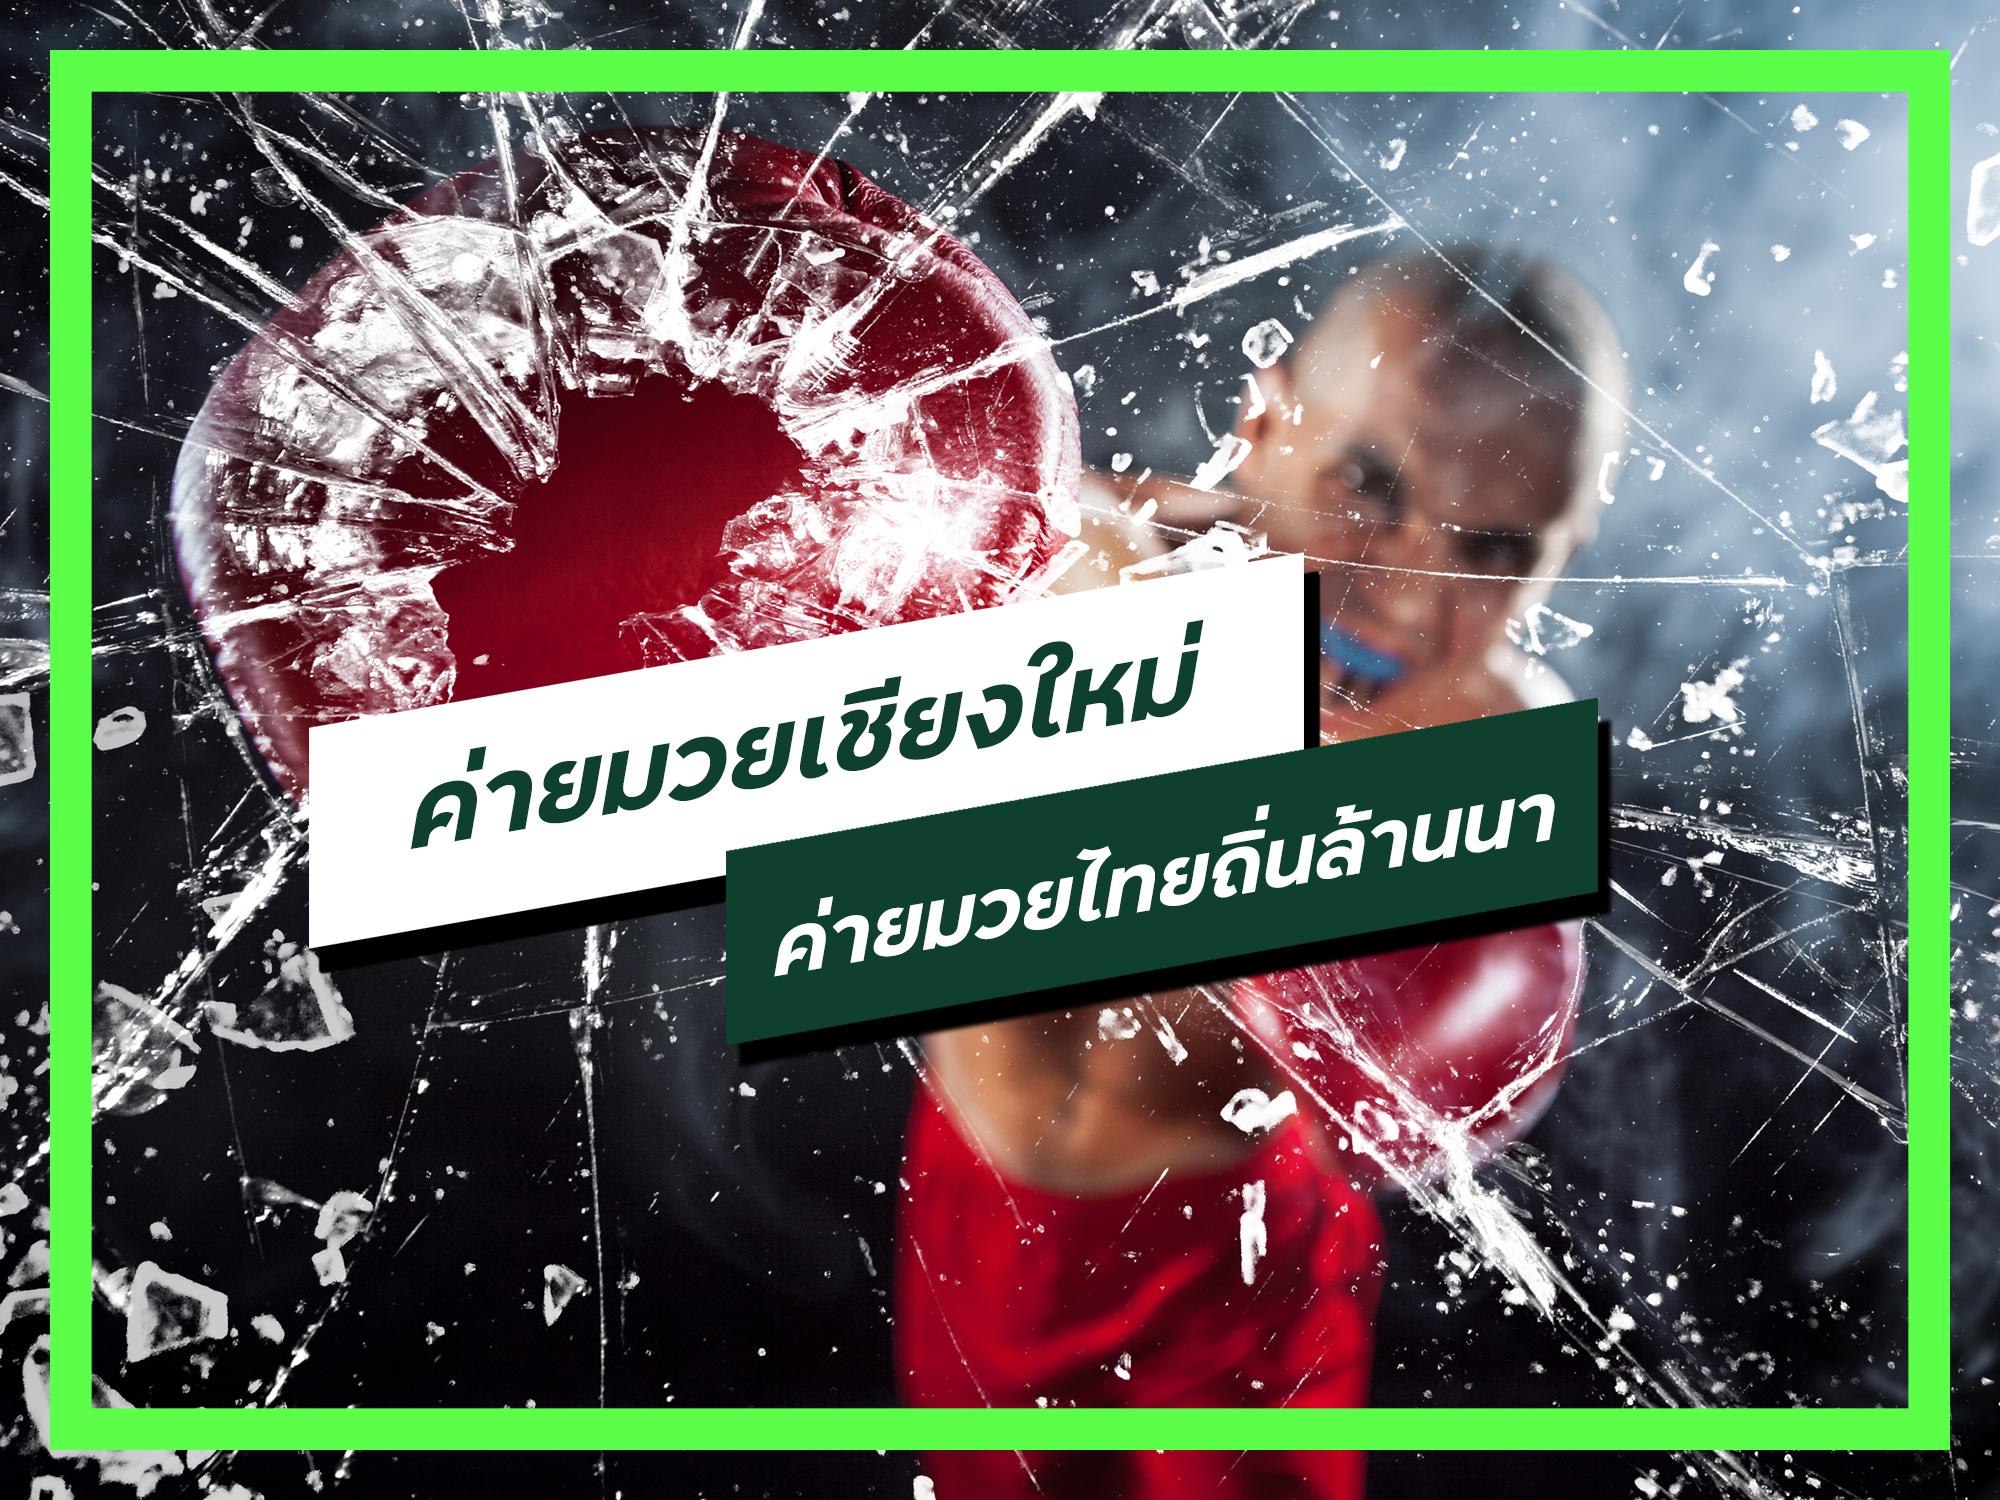 ค่ายมวยเชียงใหม่ ค่ายมวยไทยถิ่นล้านนา